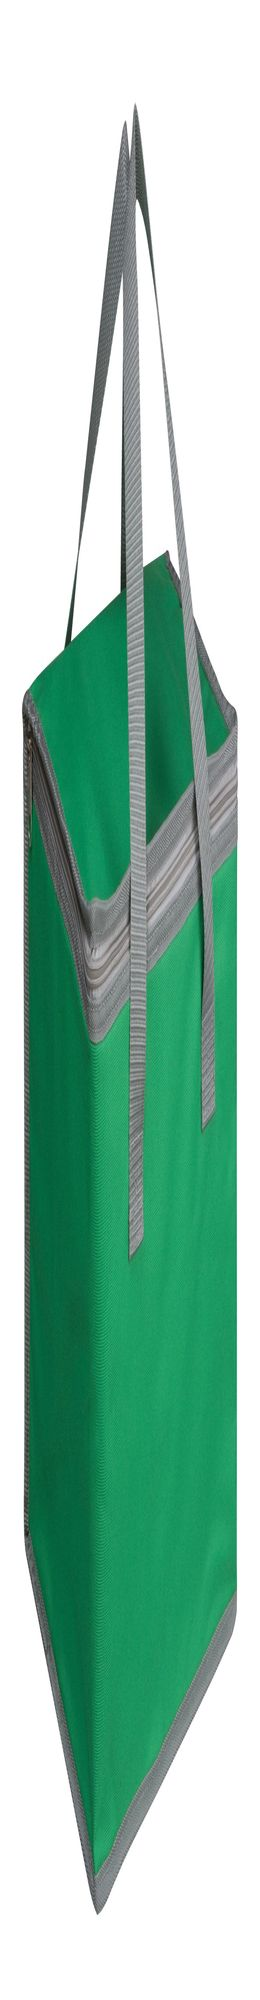 Сумка холодильник Glacier, зеленая фото